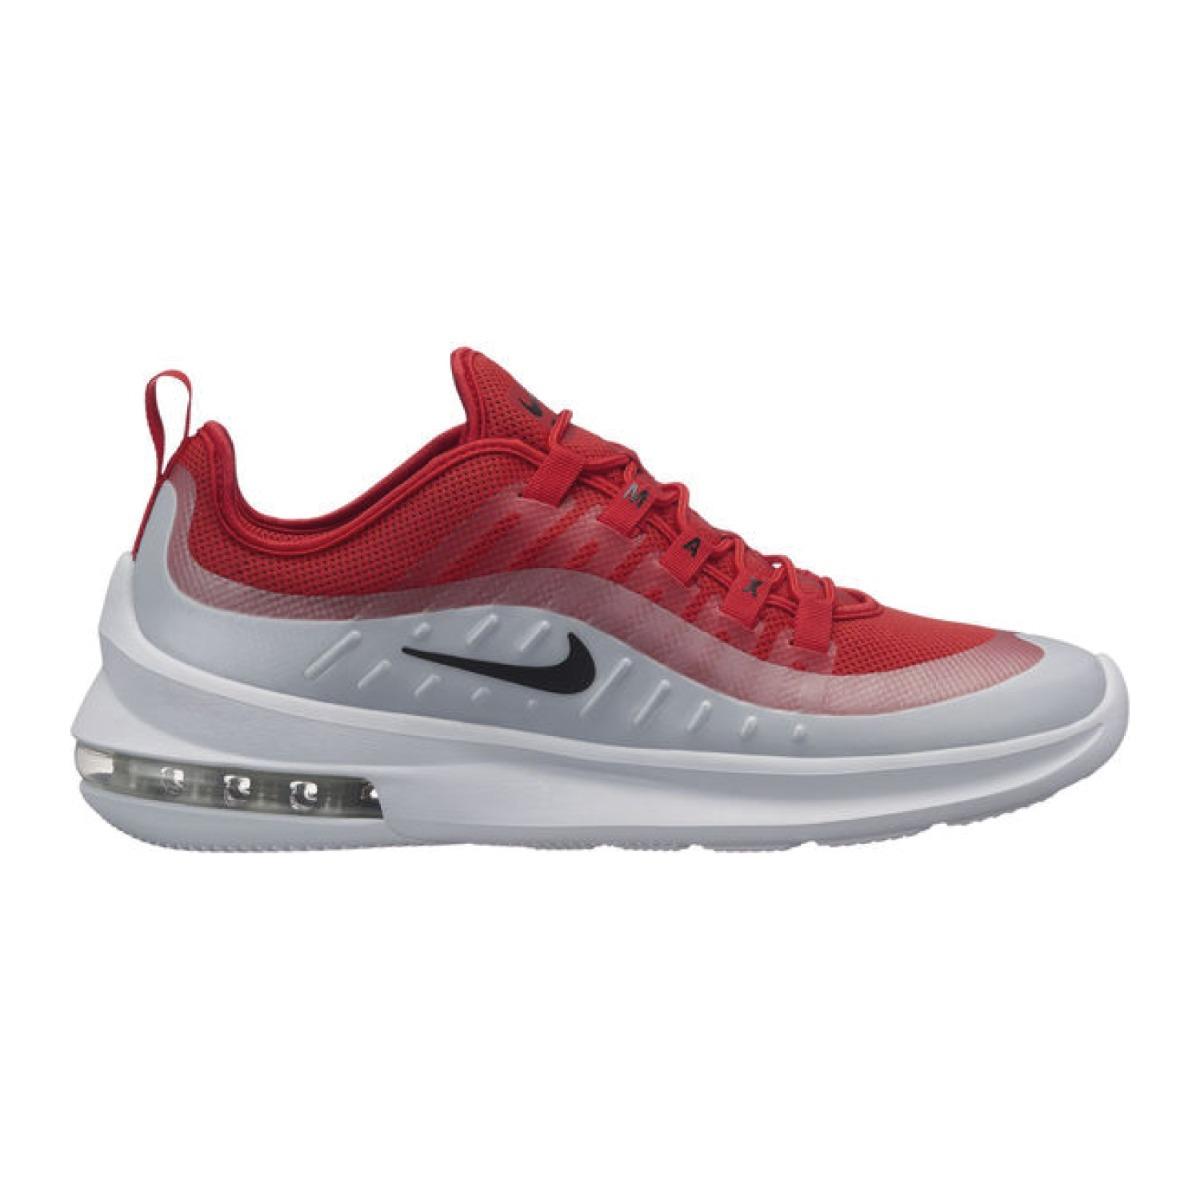 cb8a109a9 Tenis nike air max axis rojo original hombre aa cargando zoom jpg 1200x1200 Nike  air max